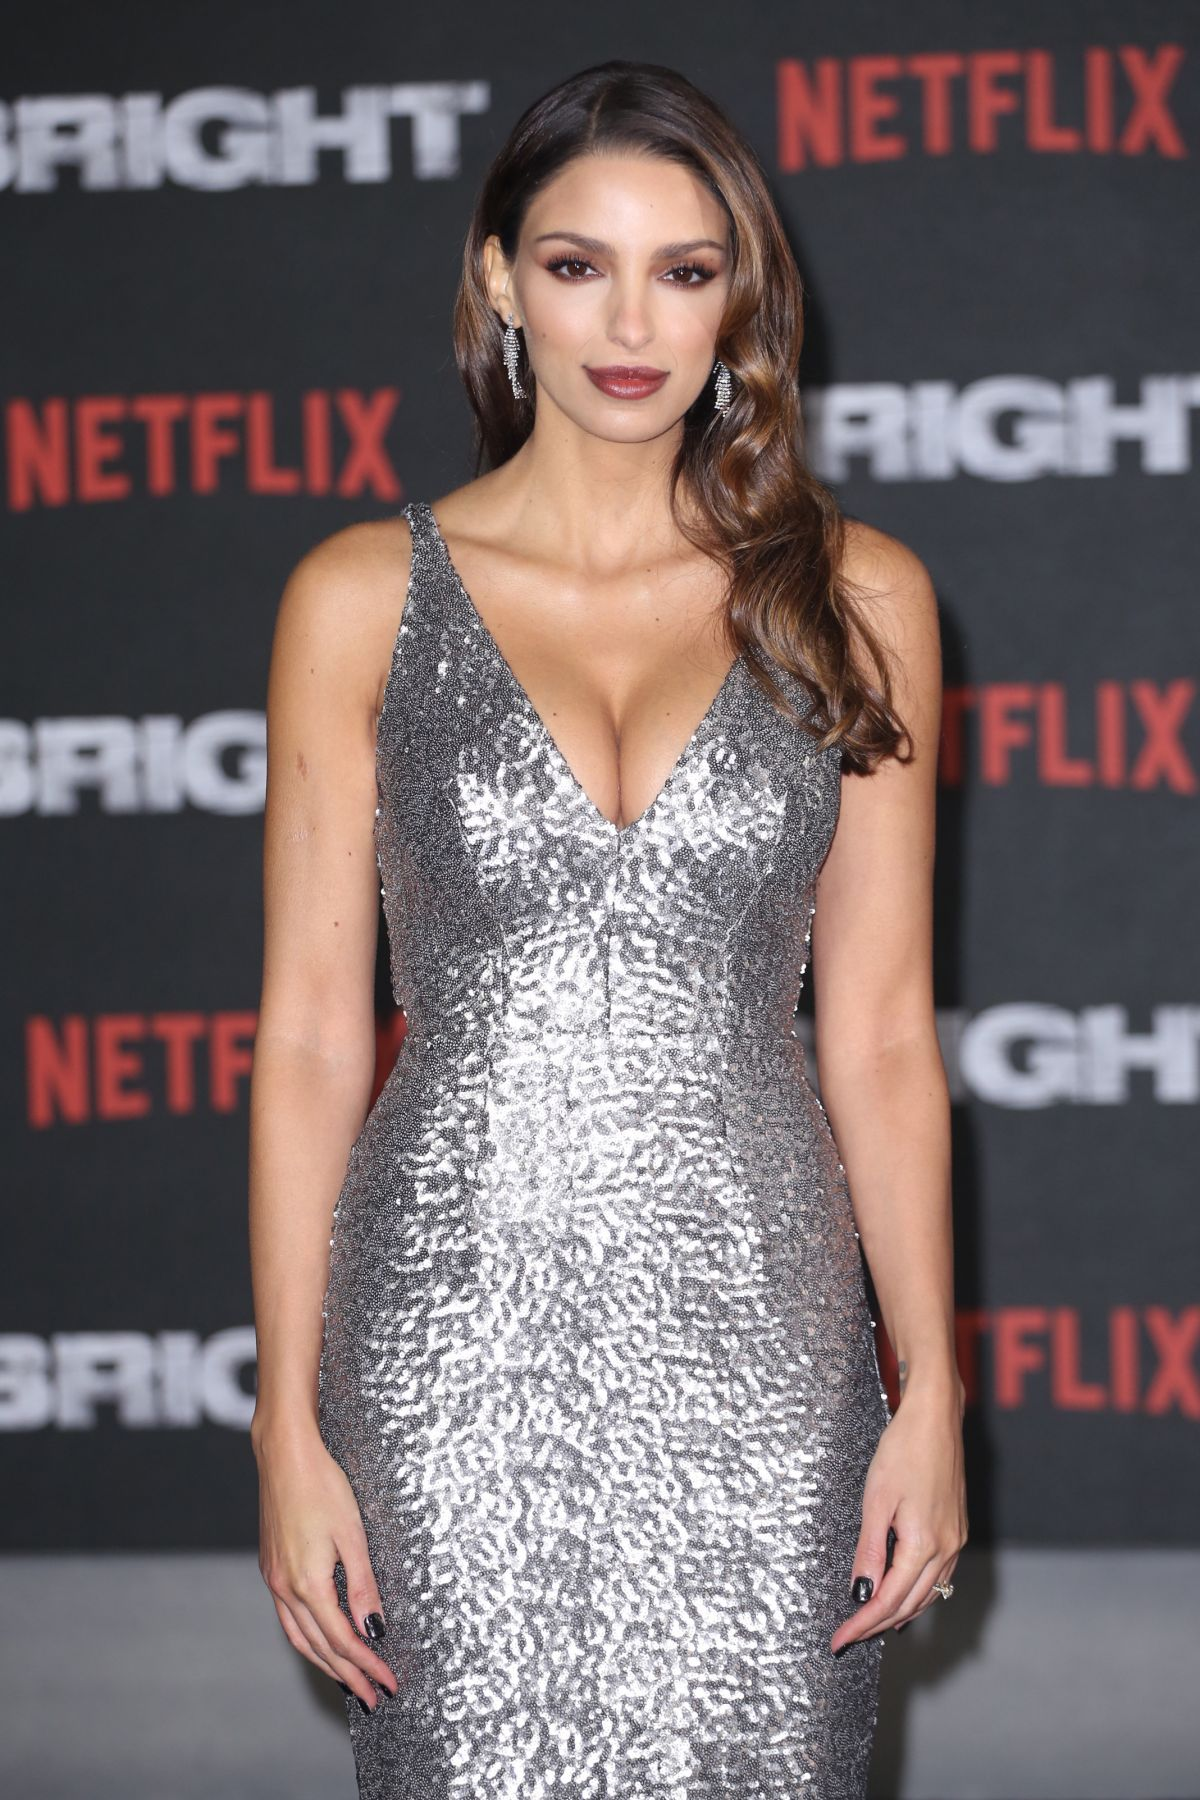 Bright Nadia Sloane